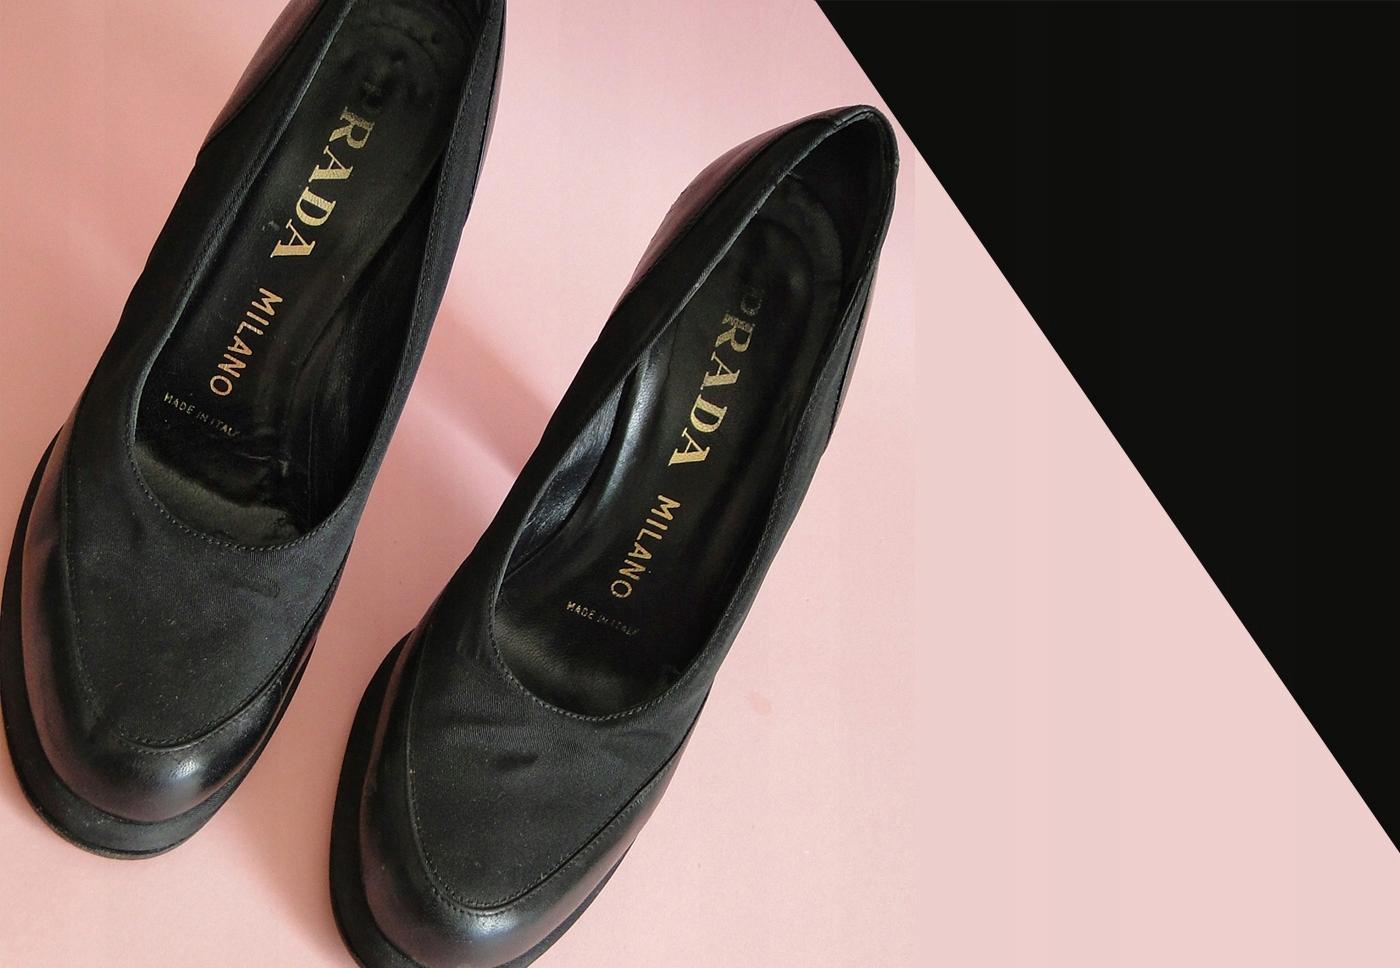 ea7d53cd5ebe6 PRADA buty obcas, platforma skóra czarne R.37, - 7518812842 ...